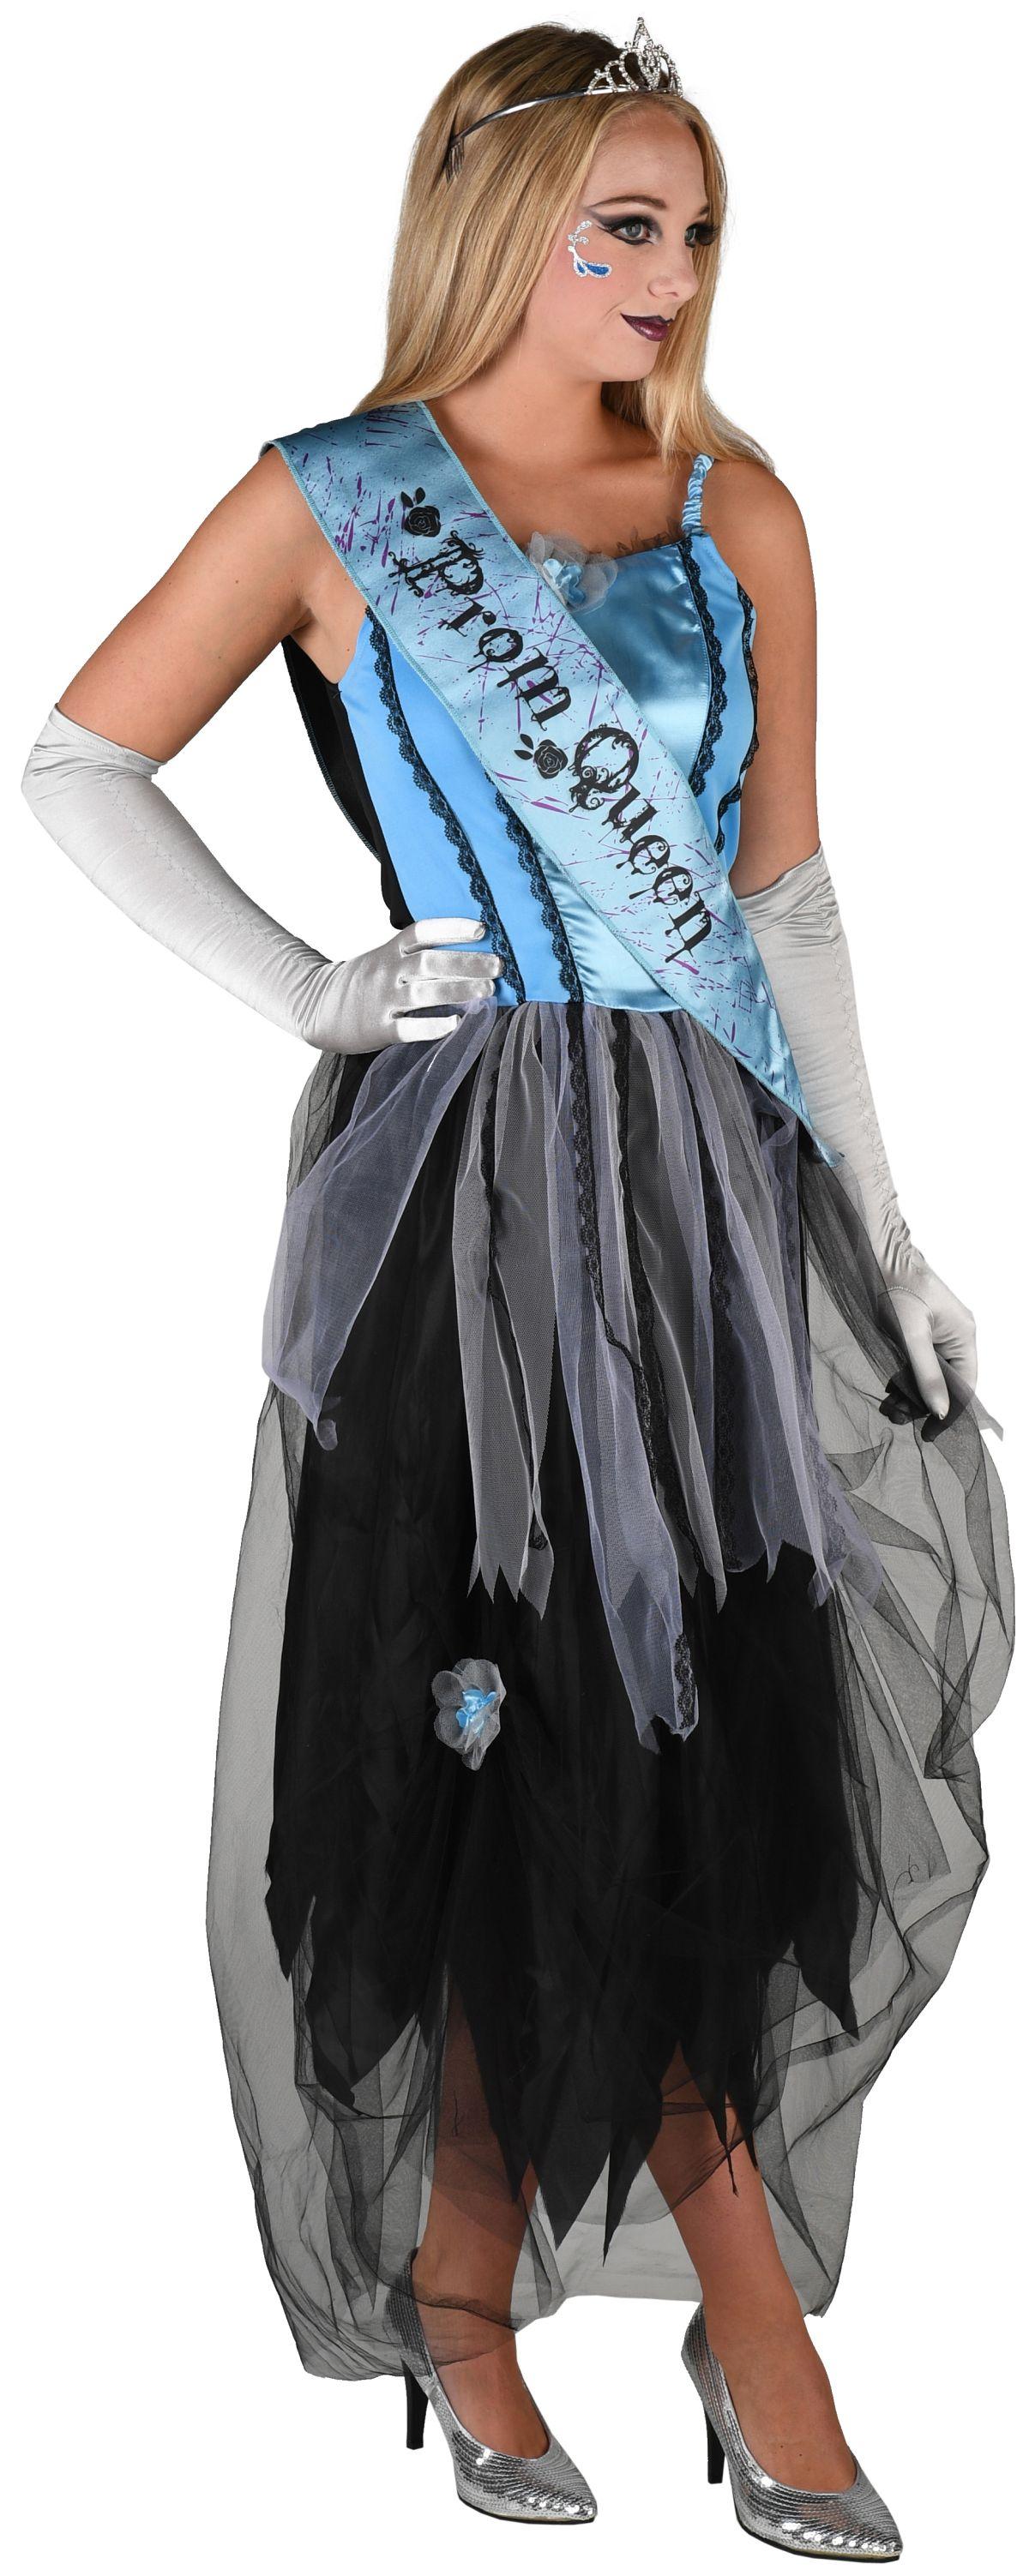 Prom Queen (Kleid,Schärpe)